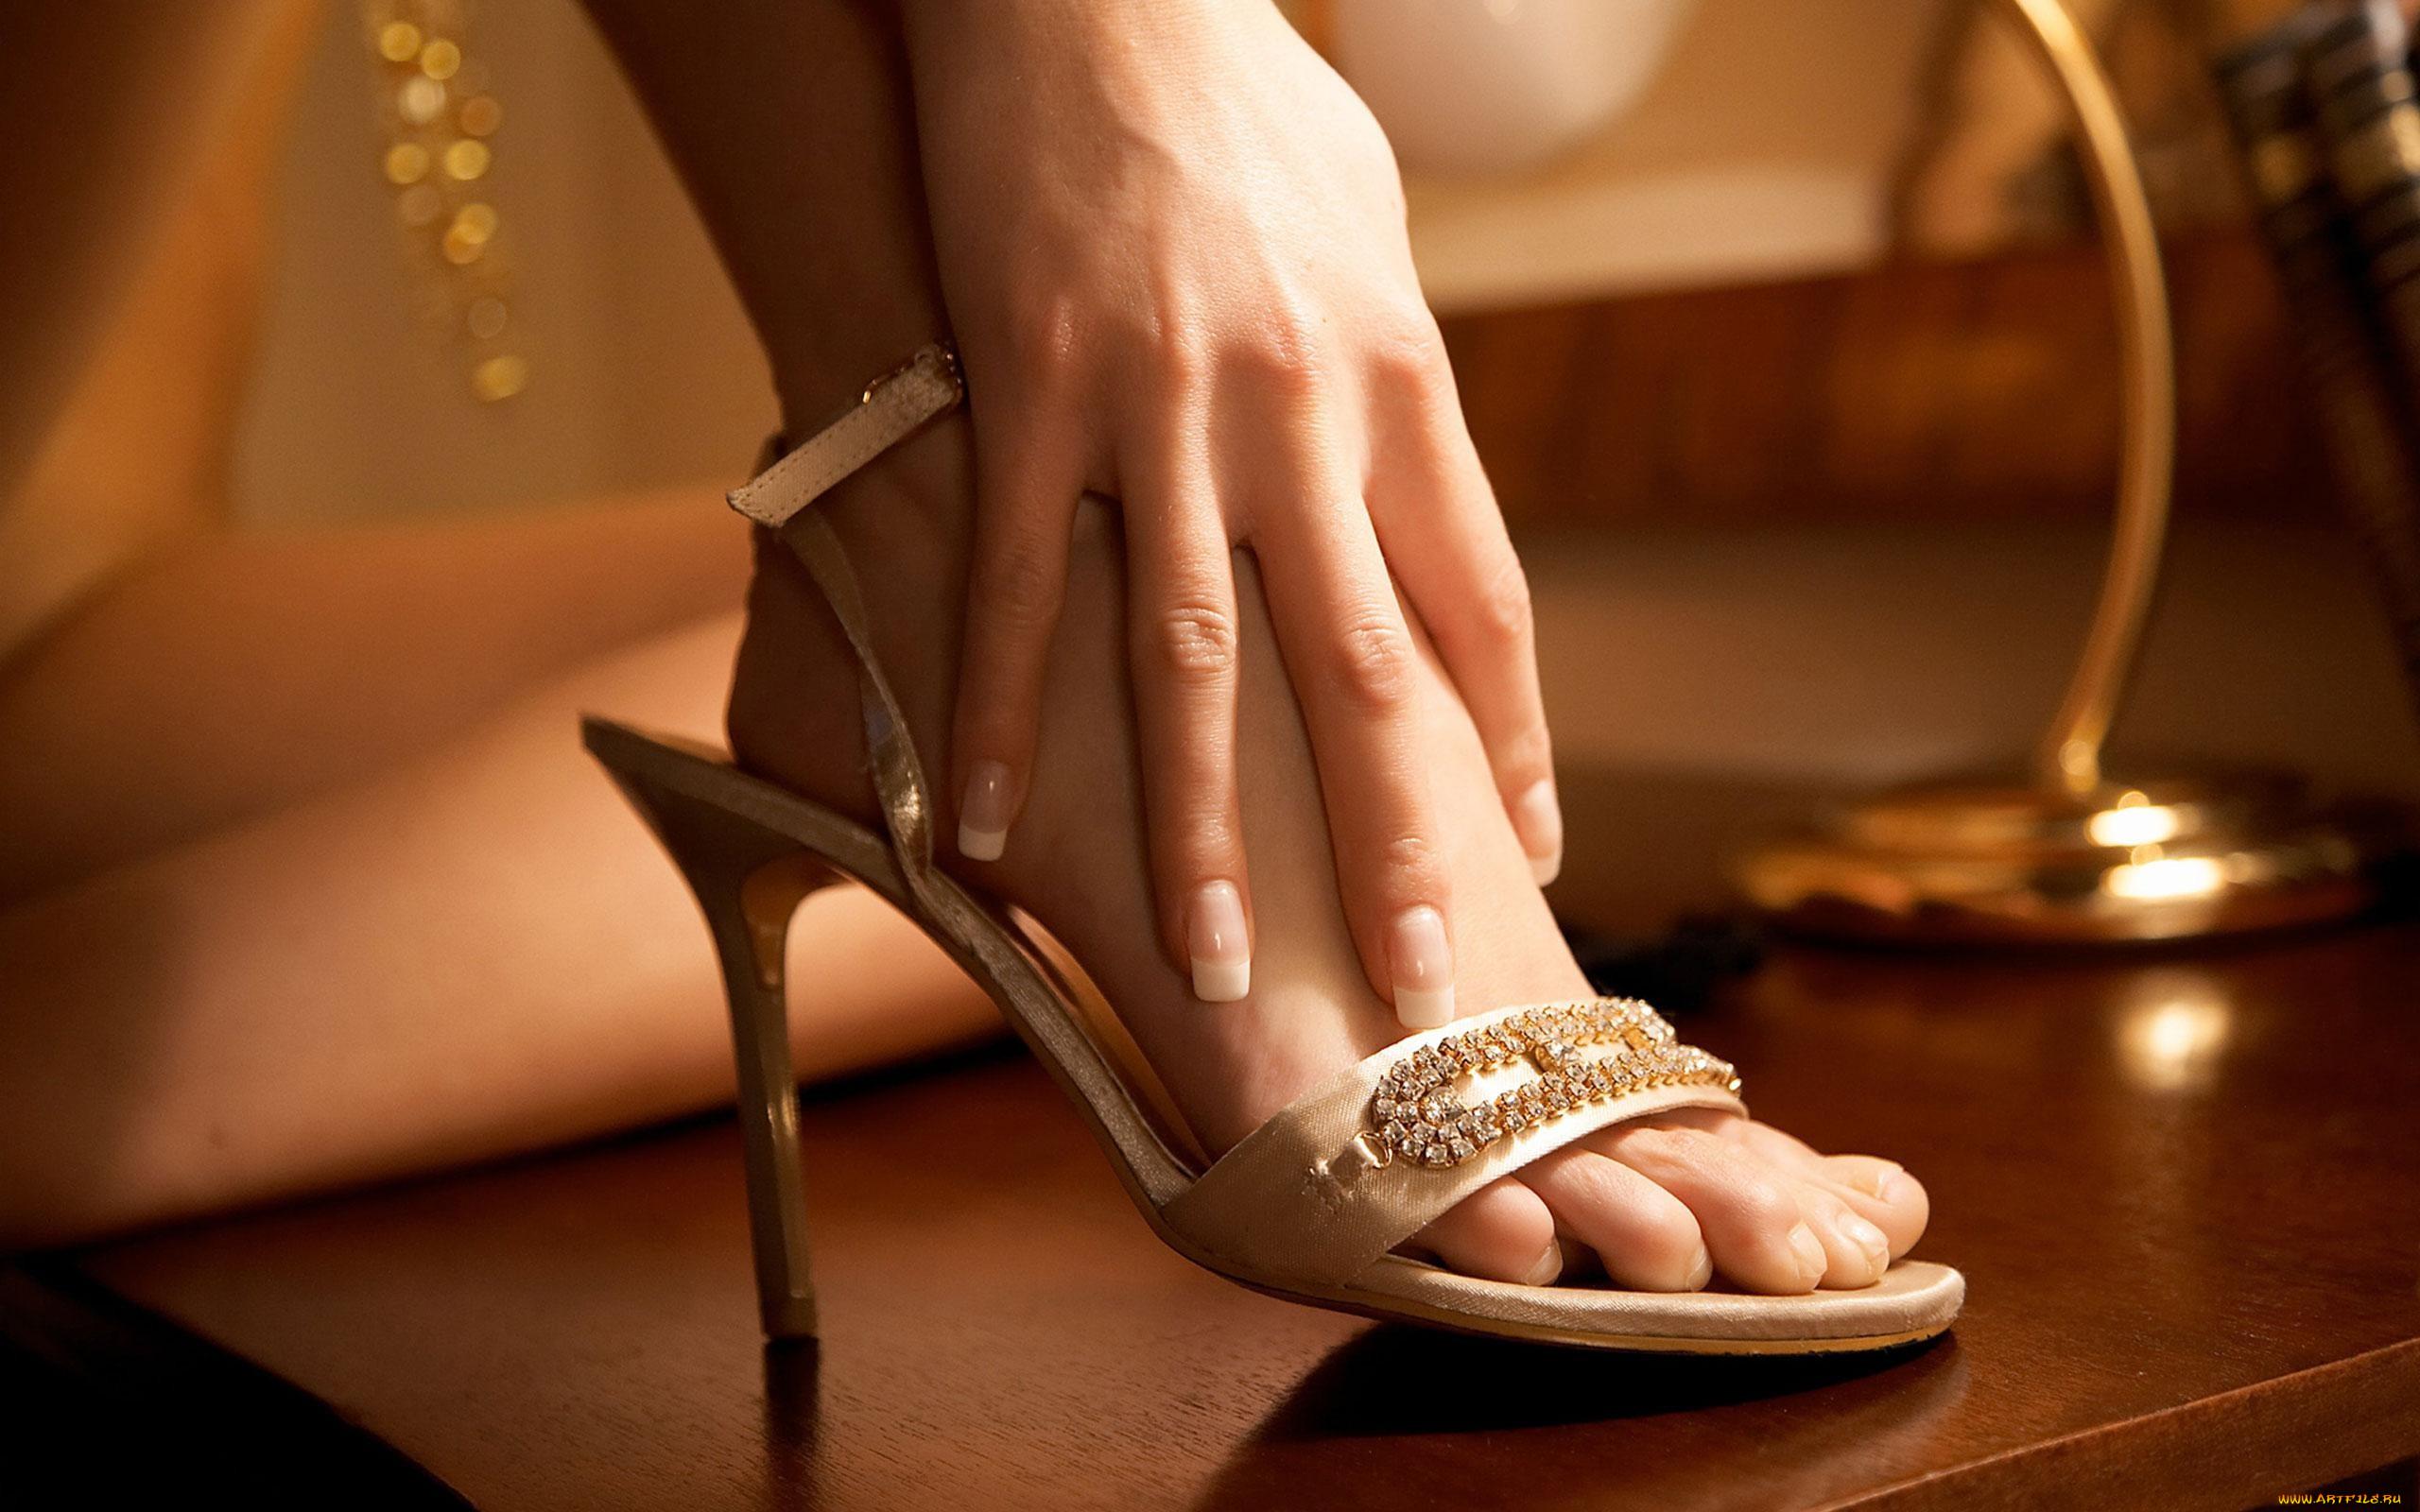 Картинки женские ножки в босоножках